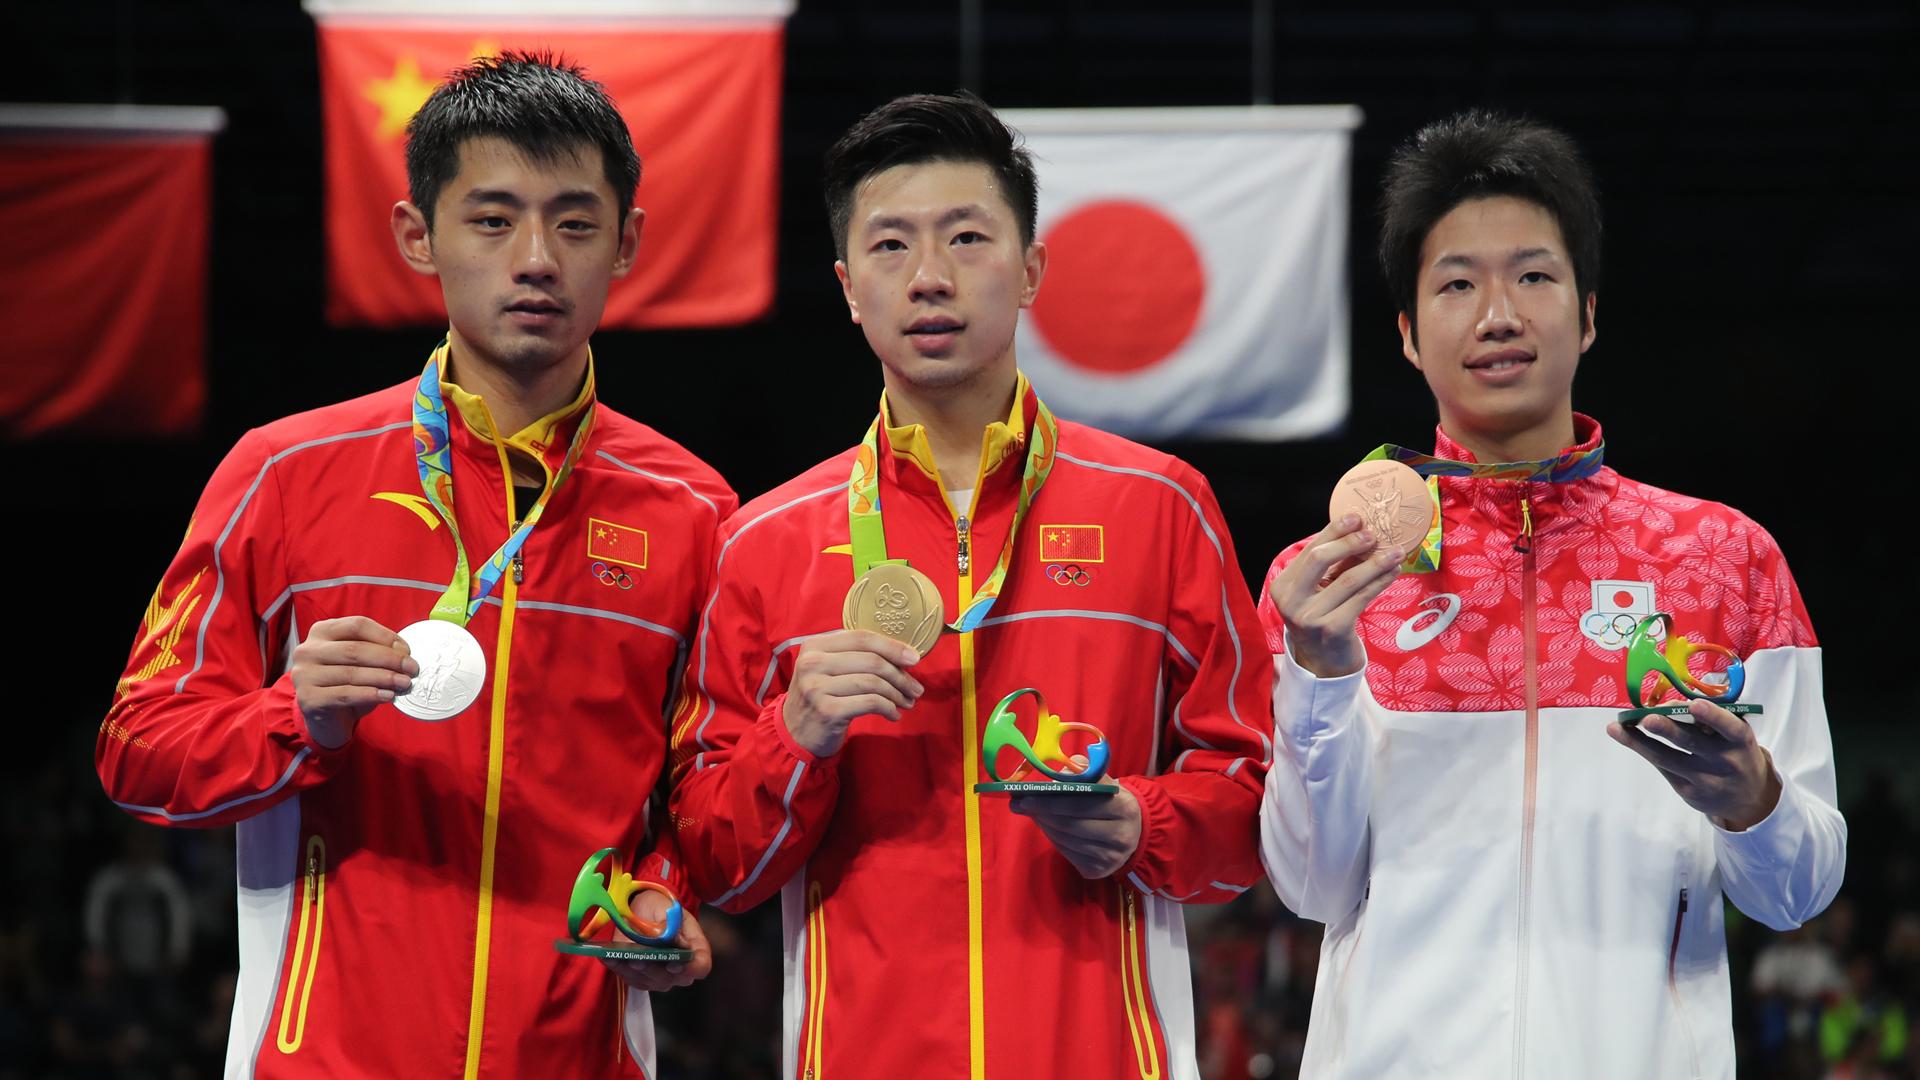 Ma Long foi o medalhista de ouro na Rio 2016 (Crédito: Xinhua)